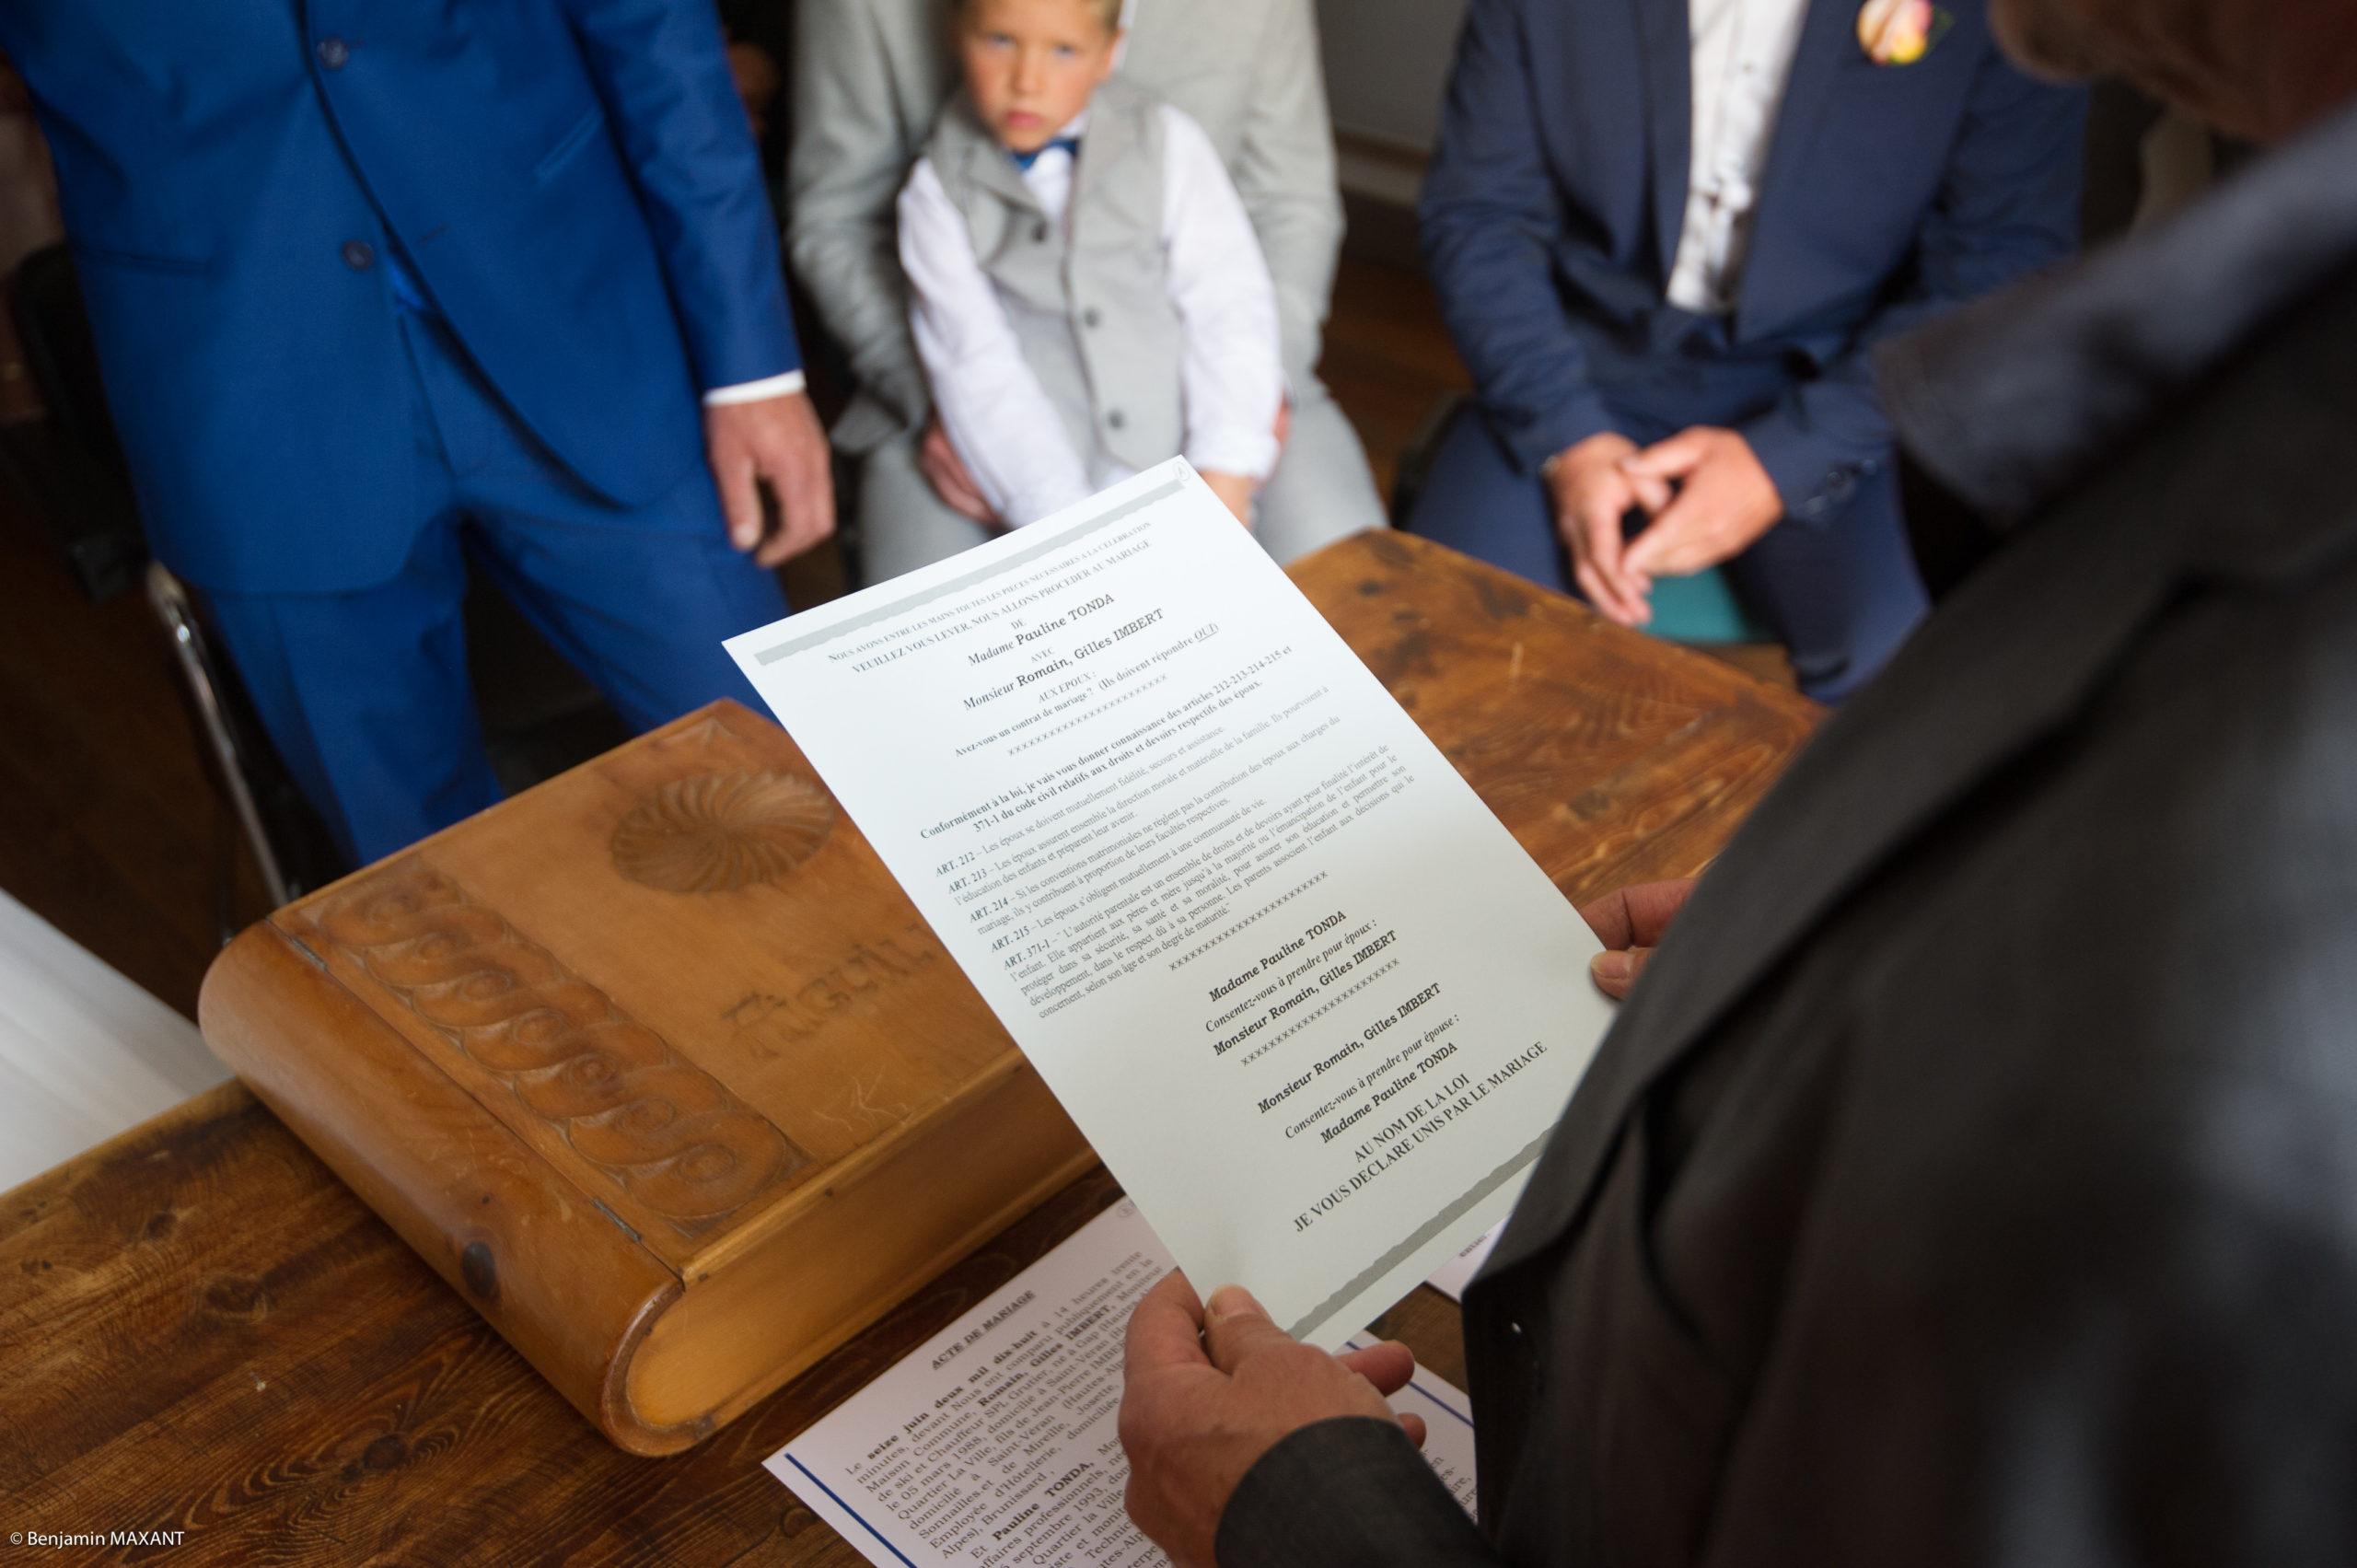 La cérémonie civile à Aiguilles